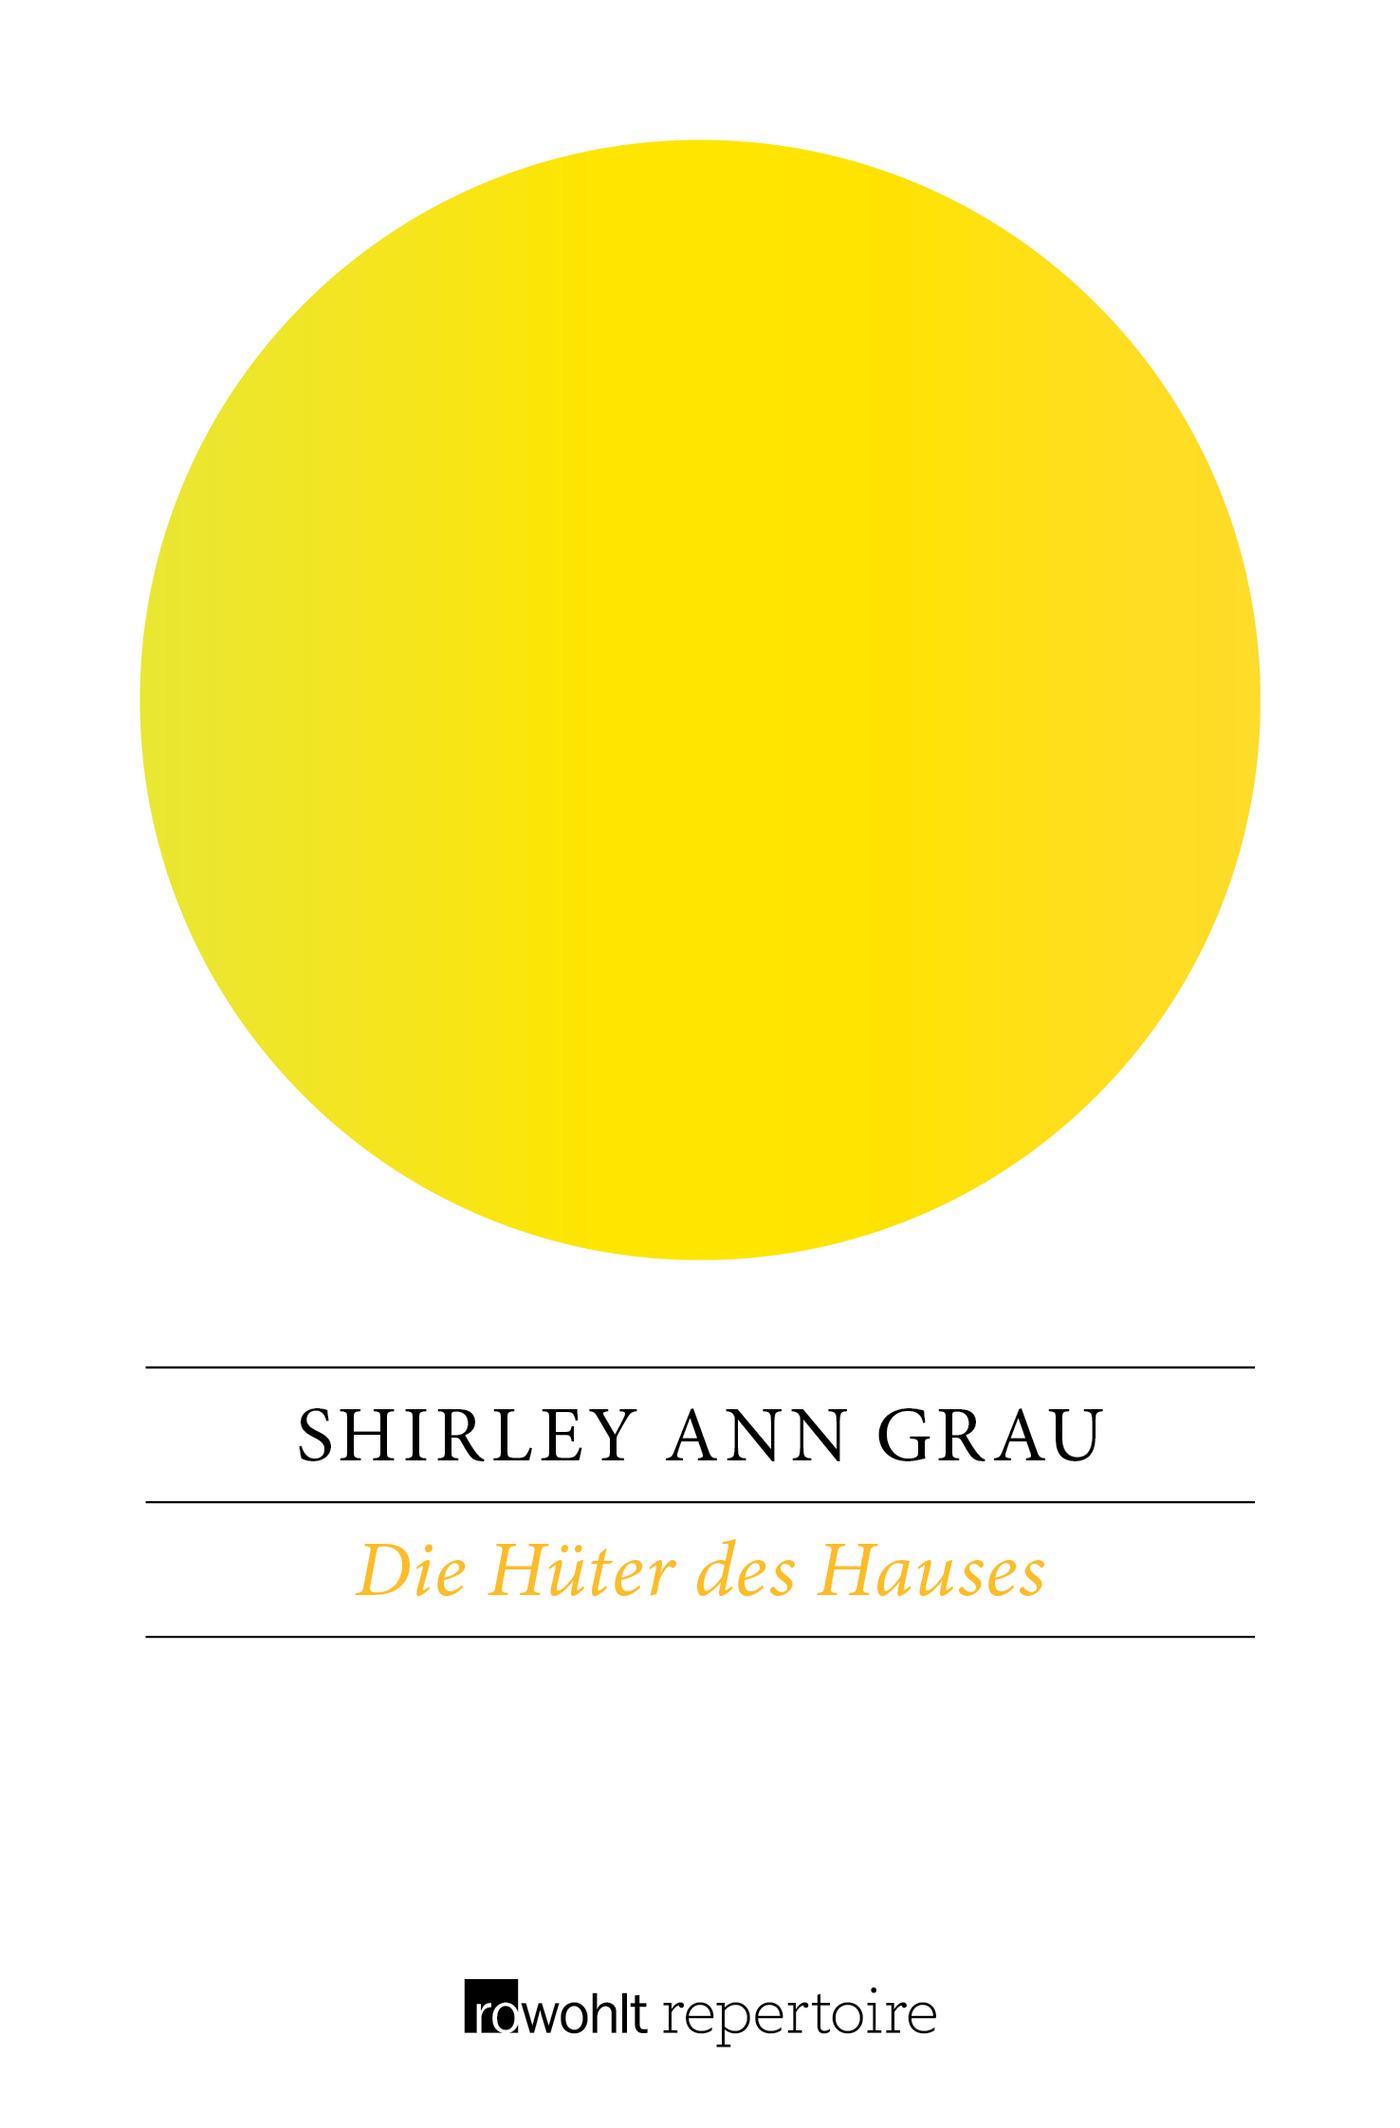 Die-Hueter-des-Hauses-Shirley-Ann-Grau